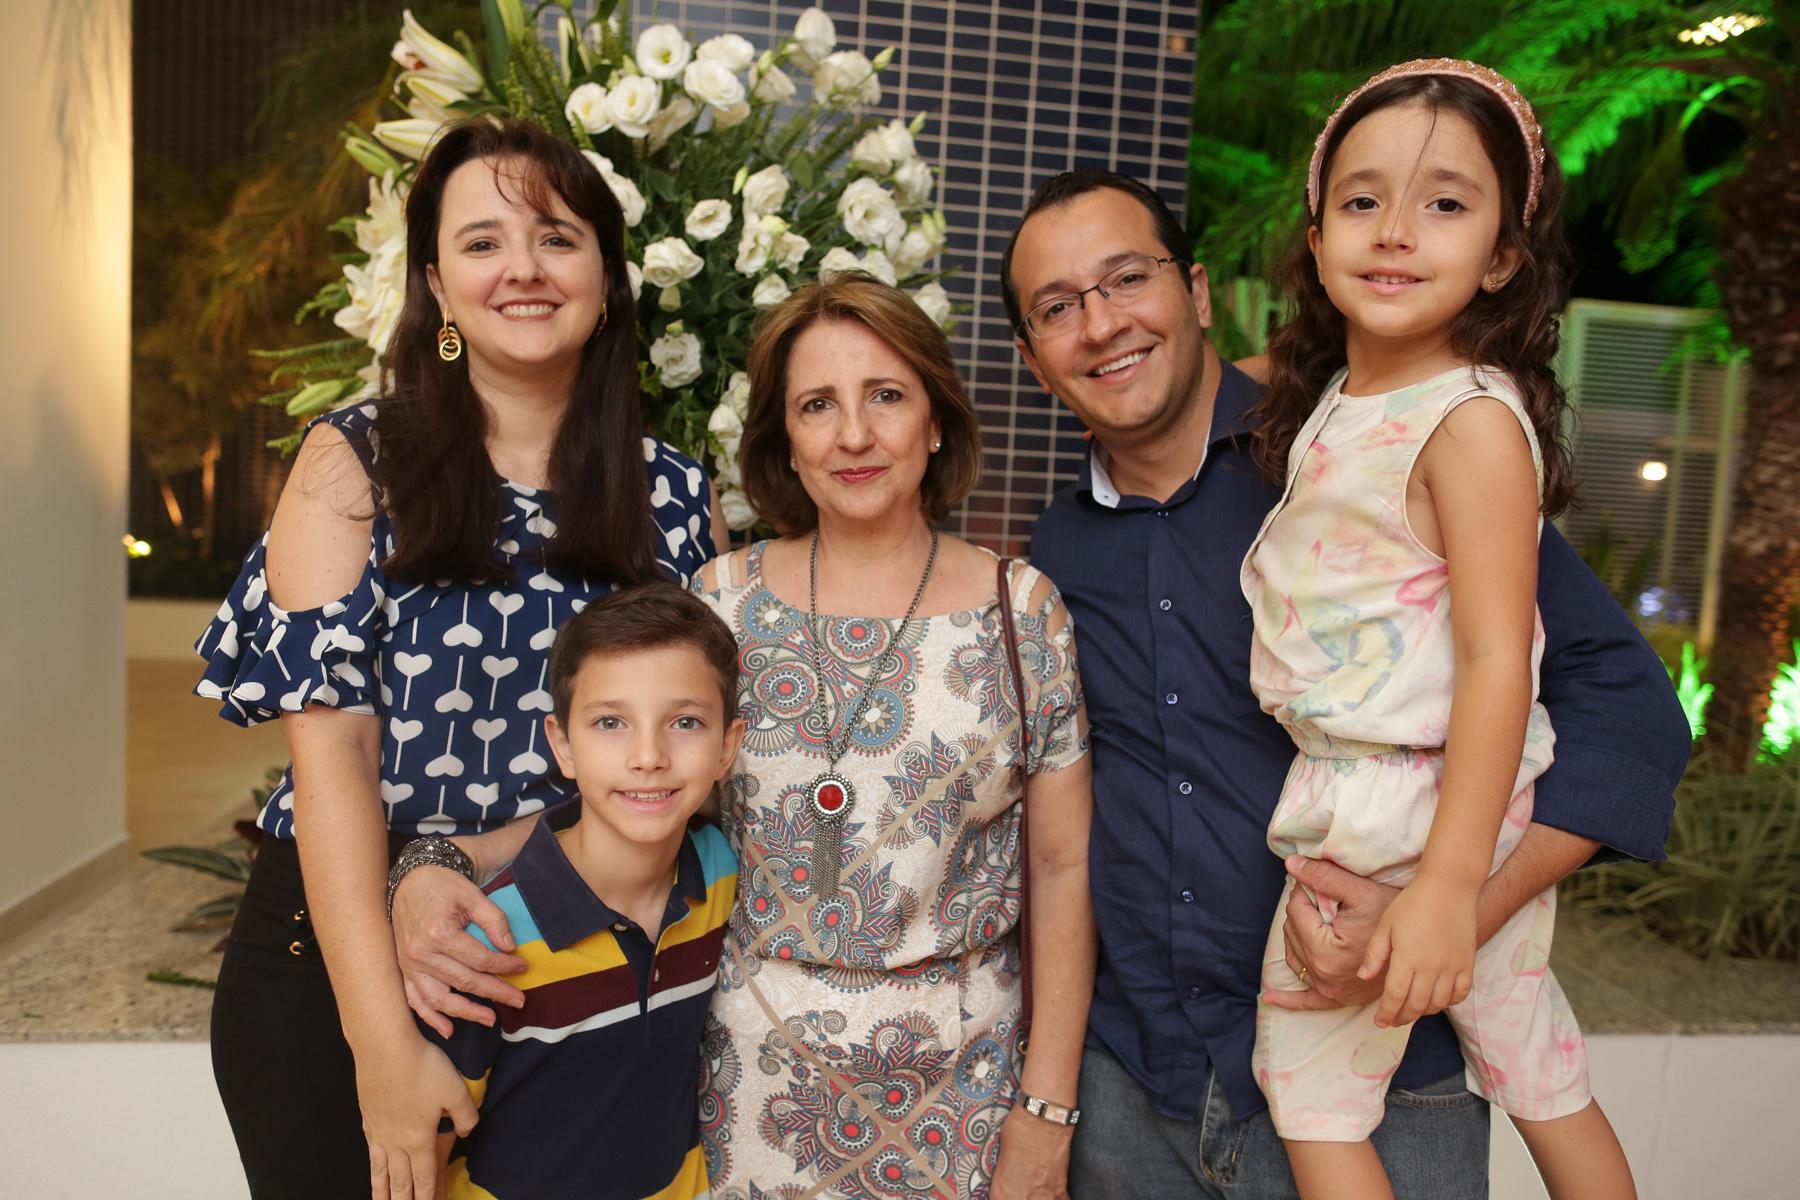 Luciana Alves com a mãe Aise, marido Ricardo Alves e filhos.